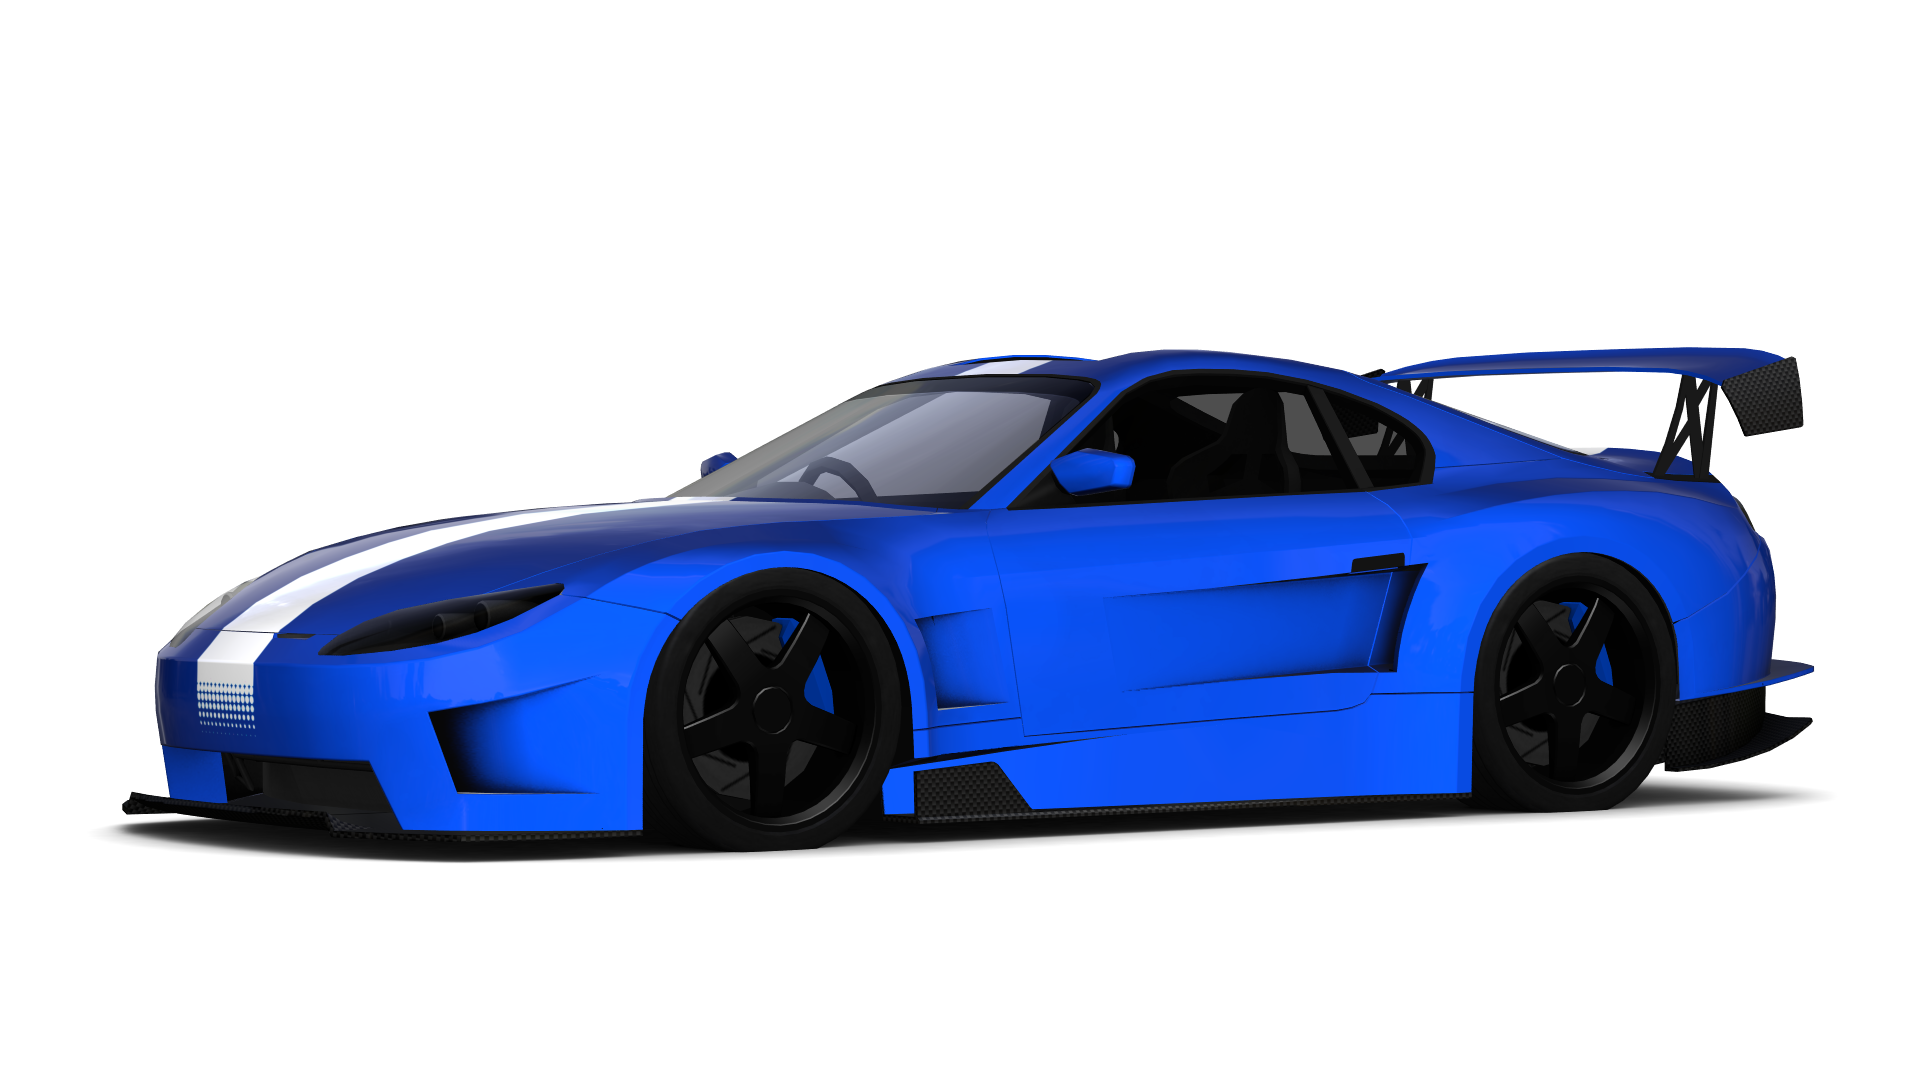 Racing Car - Blue Race Car PNG